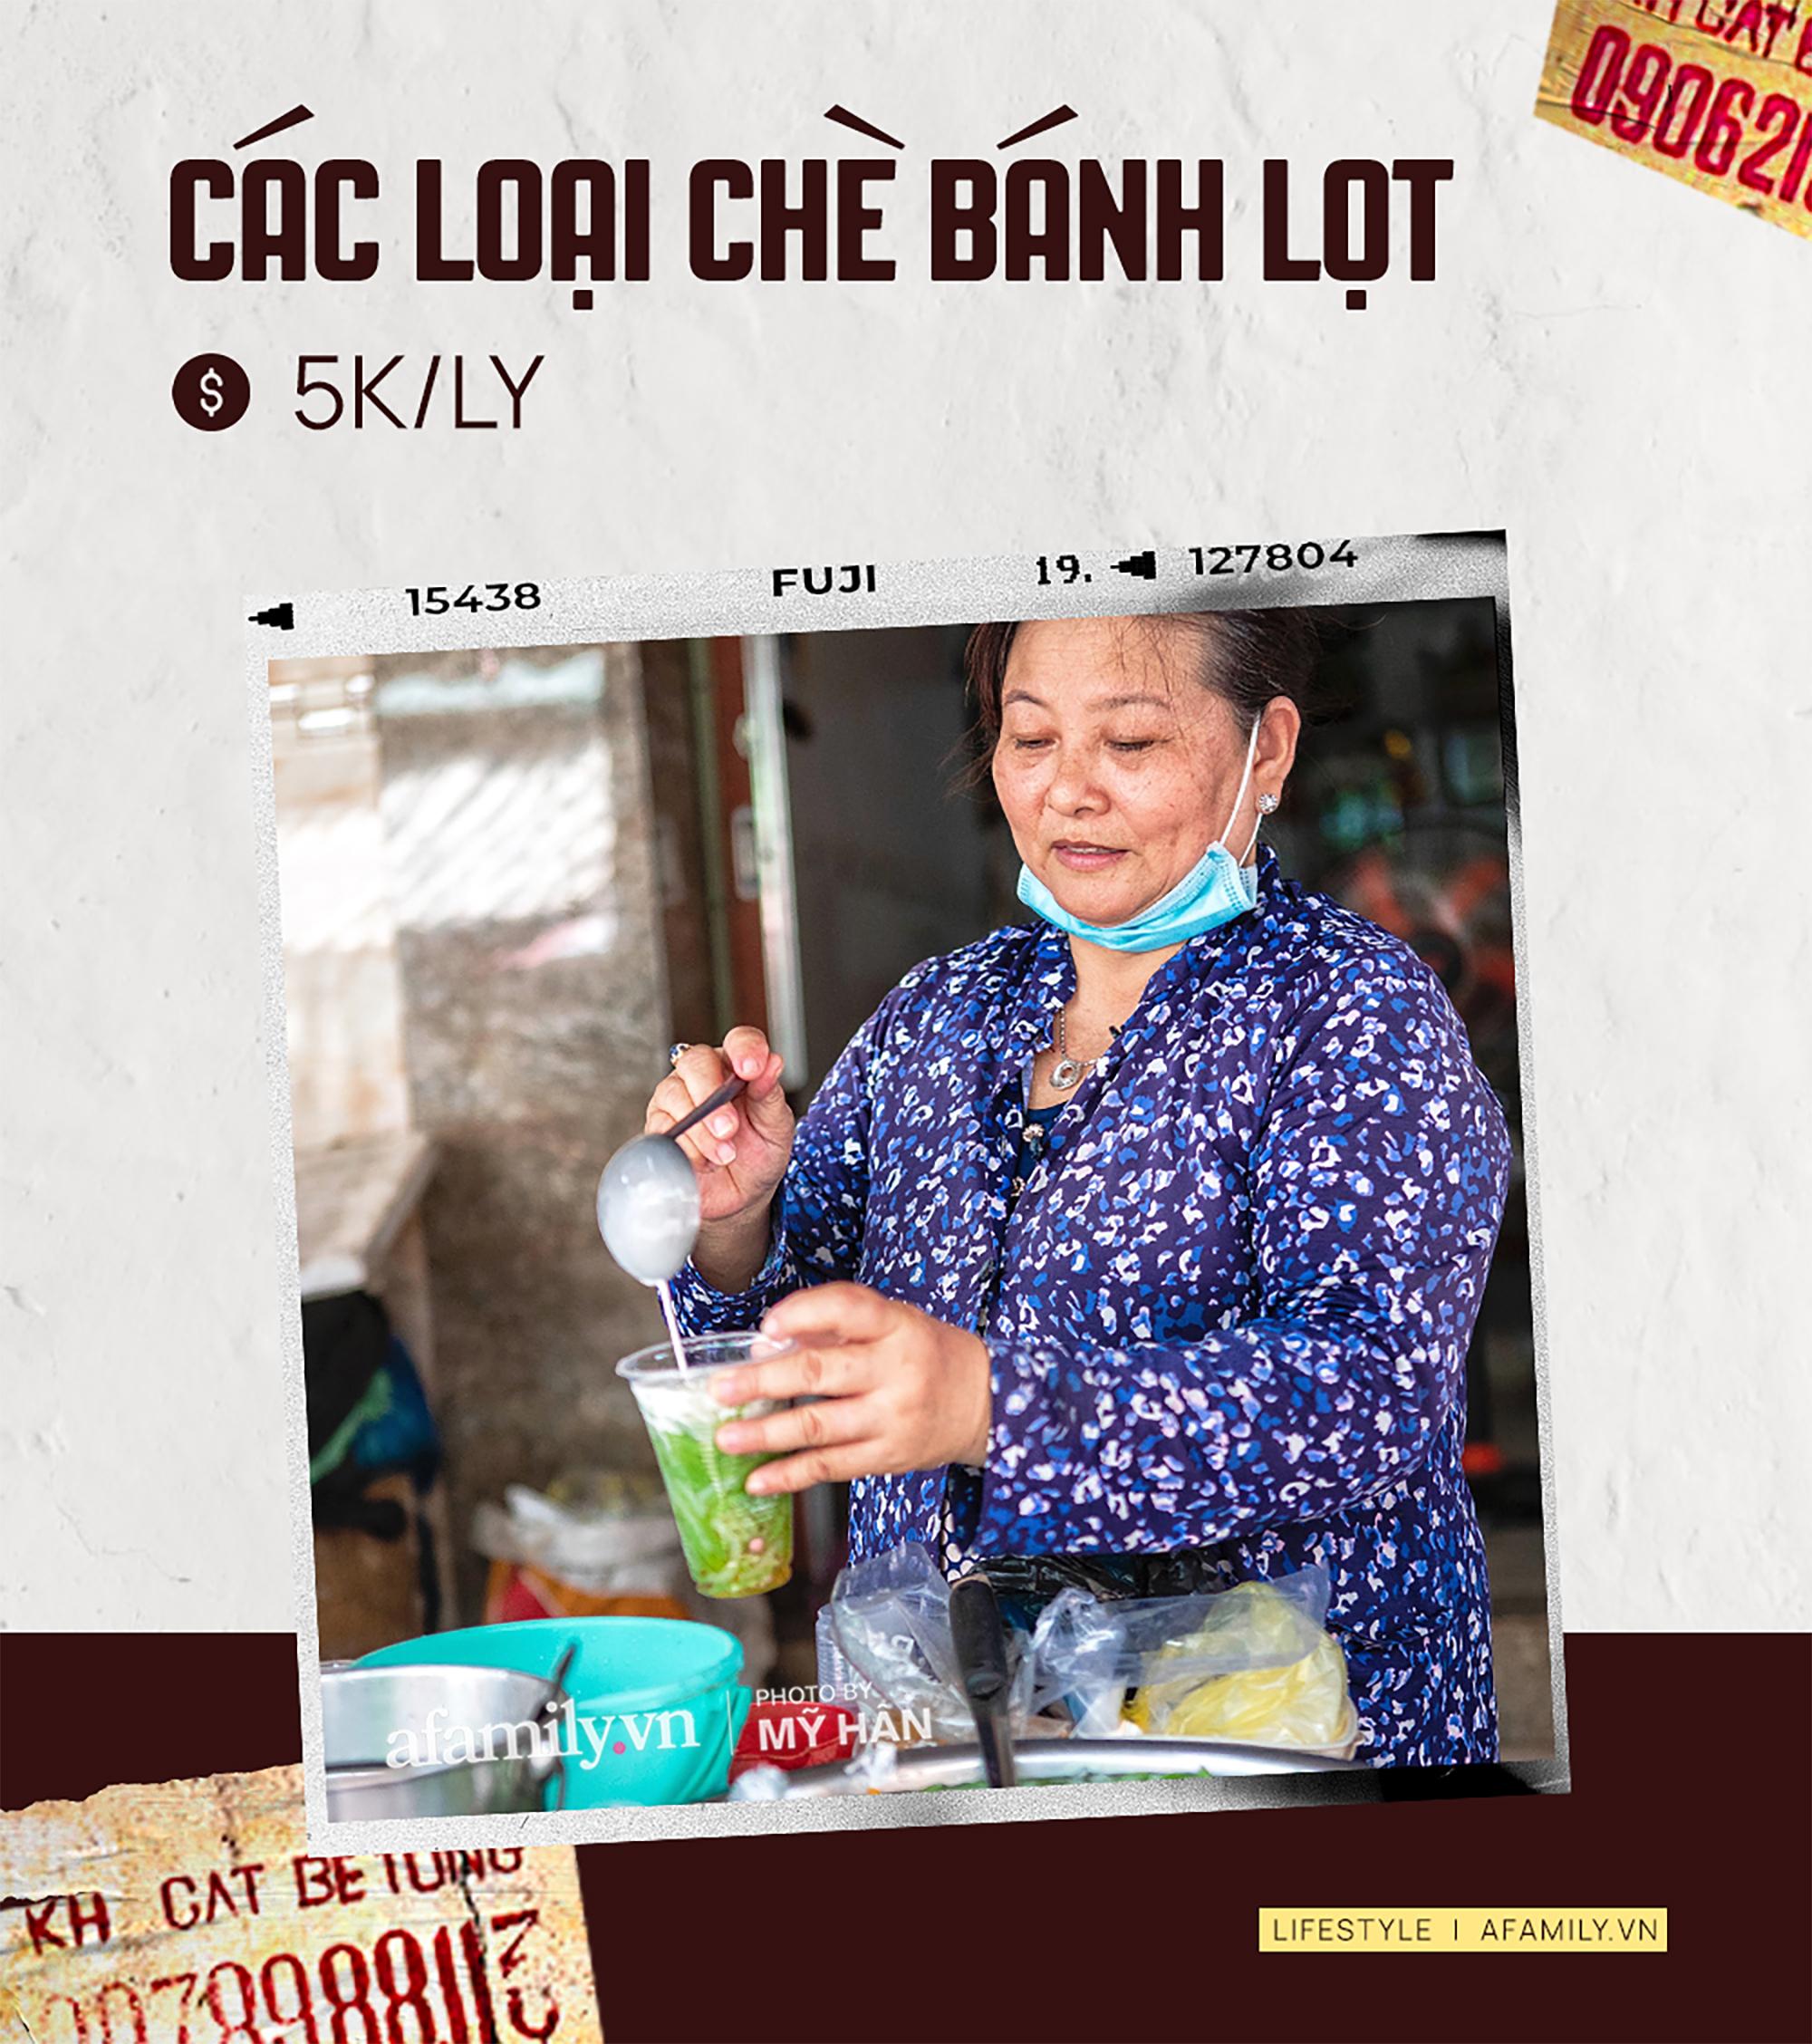 """""""Choáng"""" với bảng giá loạt món ăn tại một tỉnh ở miền Tây, nơi vừa được công bố là có mức sống thấp nhất Việt Nam! - Ảnh 10."""